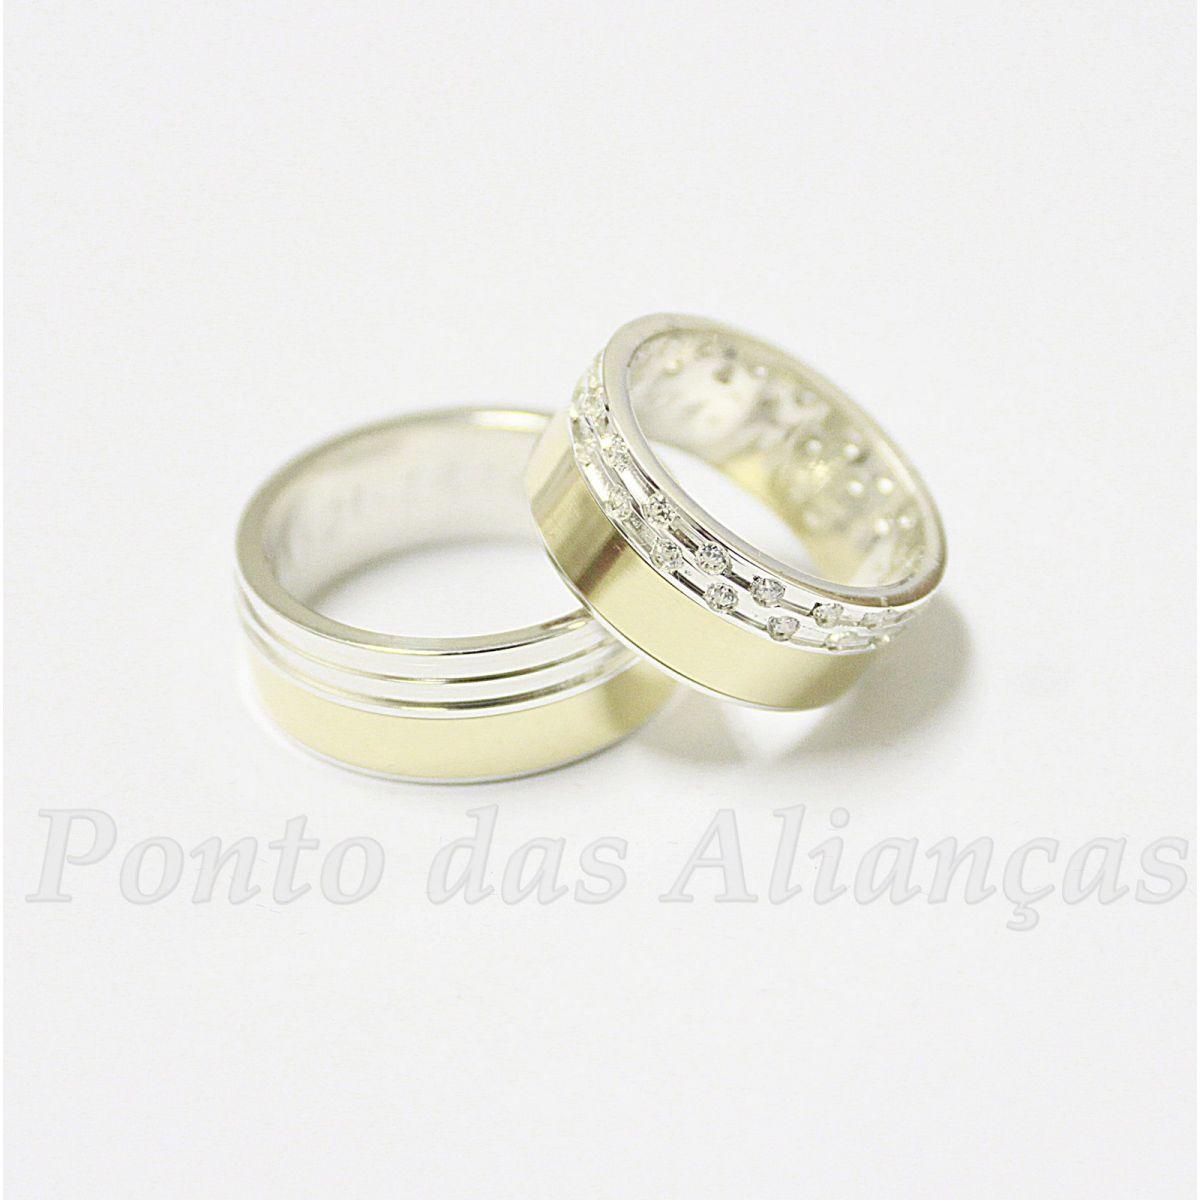 Alianças de Ouro Casamento ou Noivado - 537